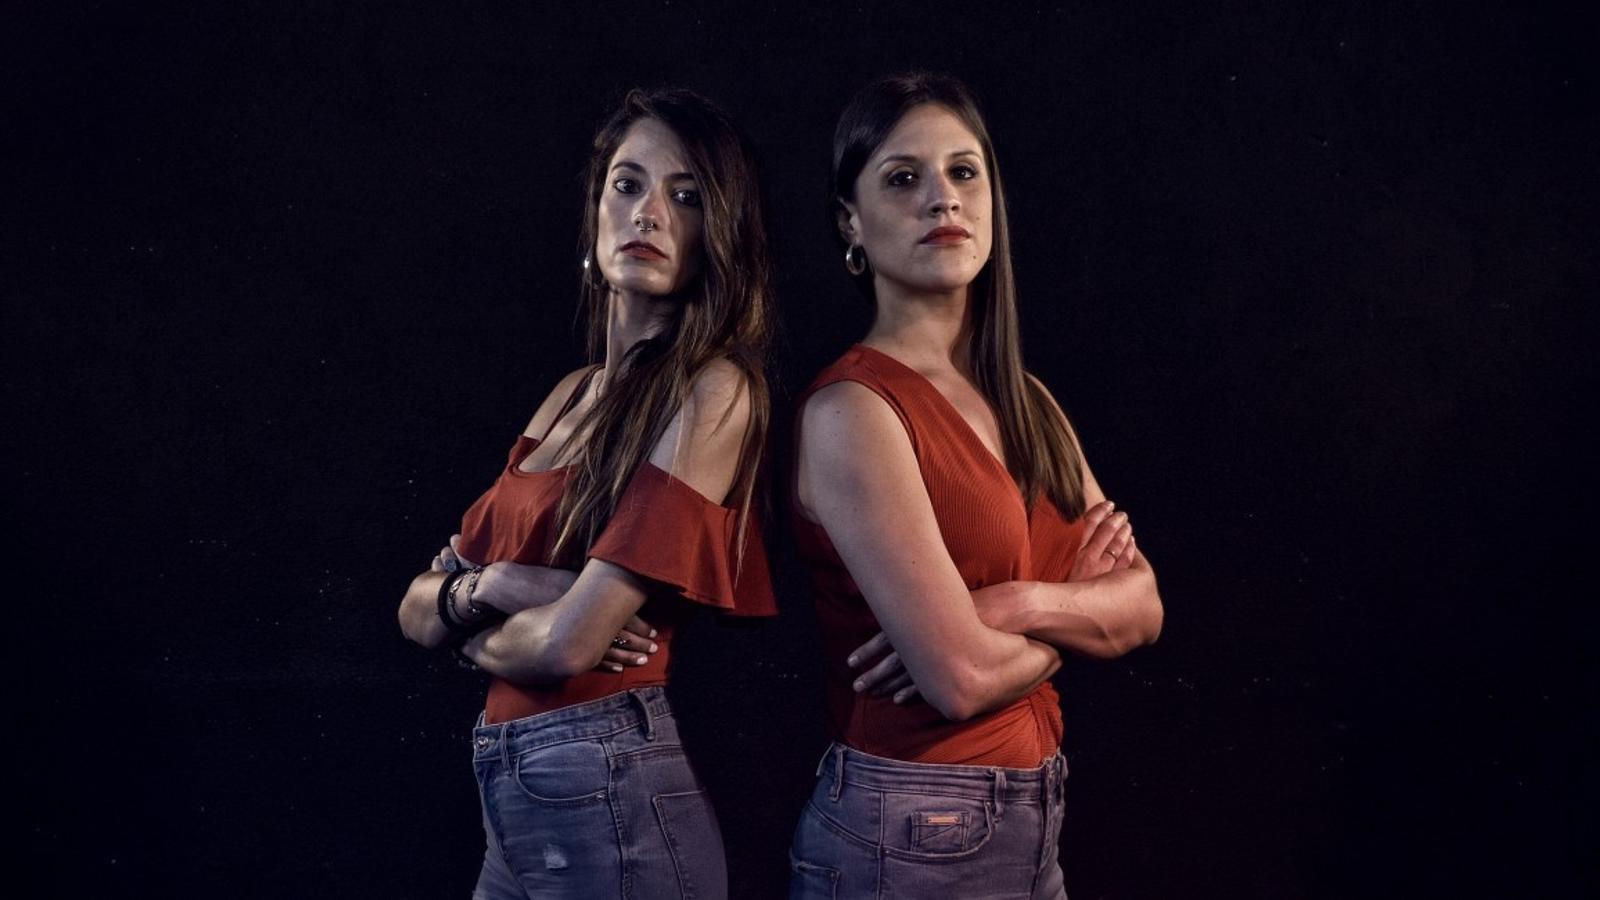 Pupil·les actuen aquest divendres a l'Acústica de Figueres